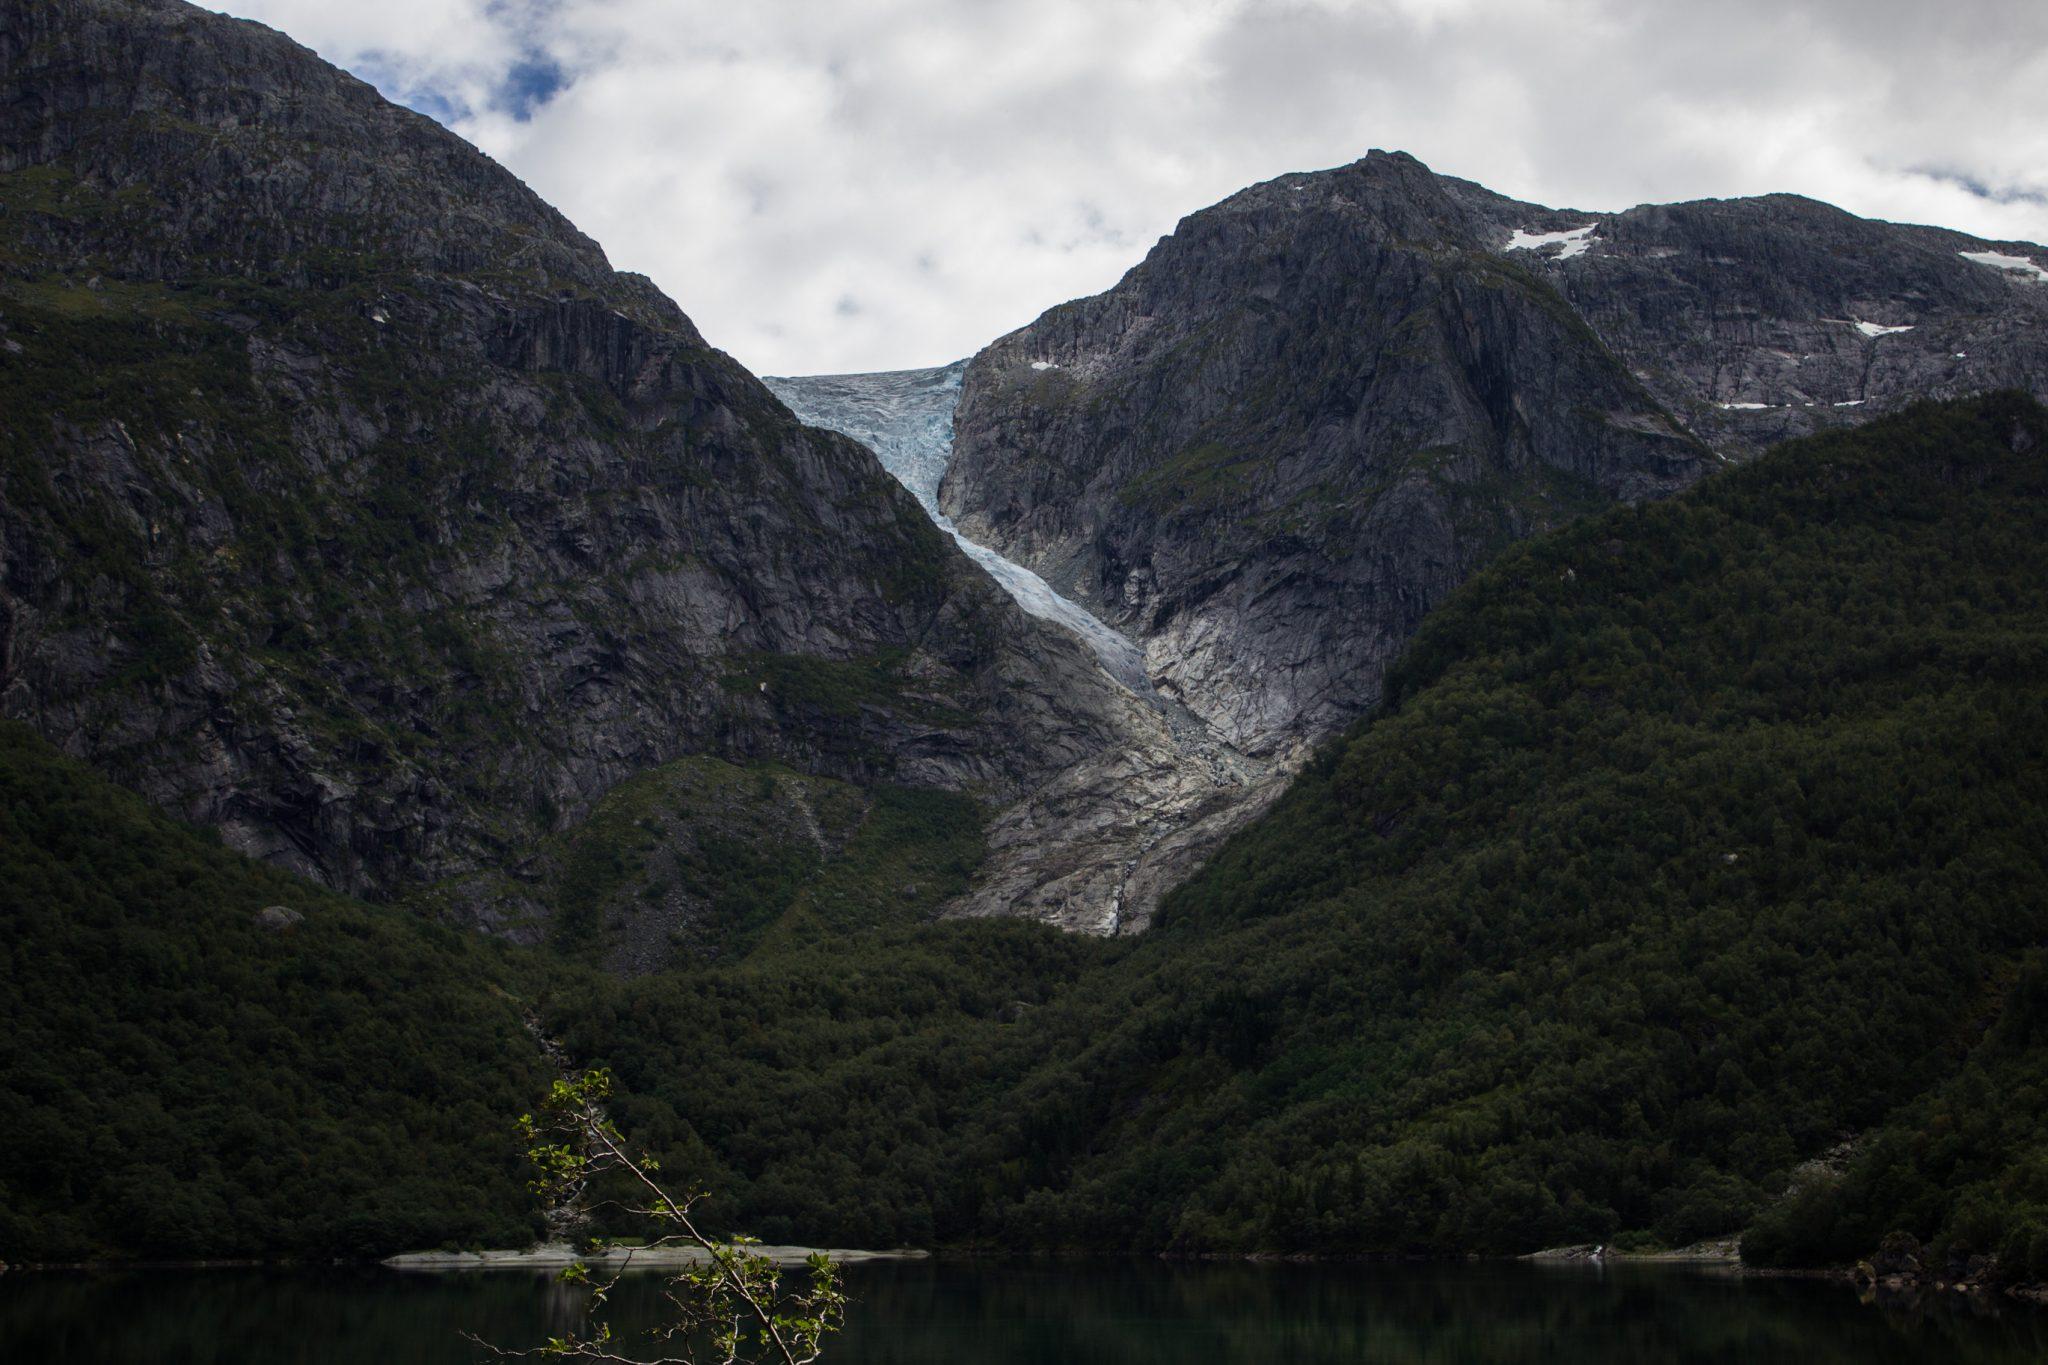 Wanderung vom Ort Sundal bis zum Gletscher Bondhusbreen im Folgefonna Nationalpark, traumhafte Bergkulisse, Blick auf Gletscher Bondhusbreen, schöner Sommertag, kristallklares Wasser im See von Gletscher gespeist, umgeben von Wald